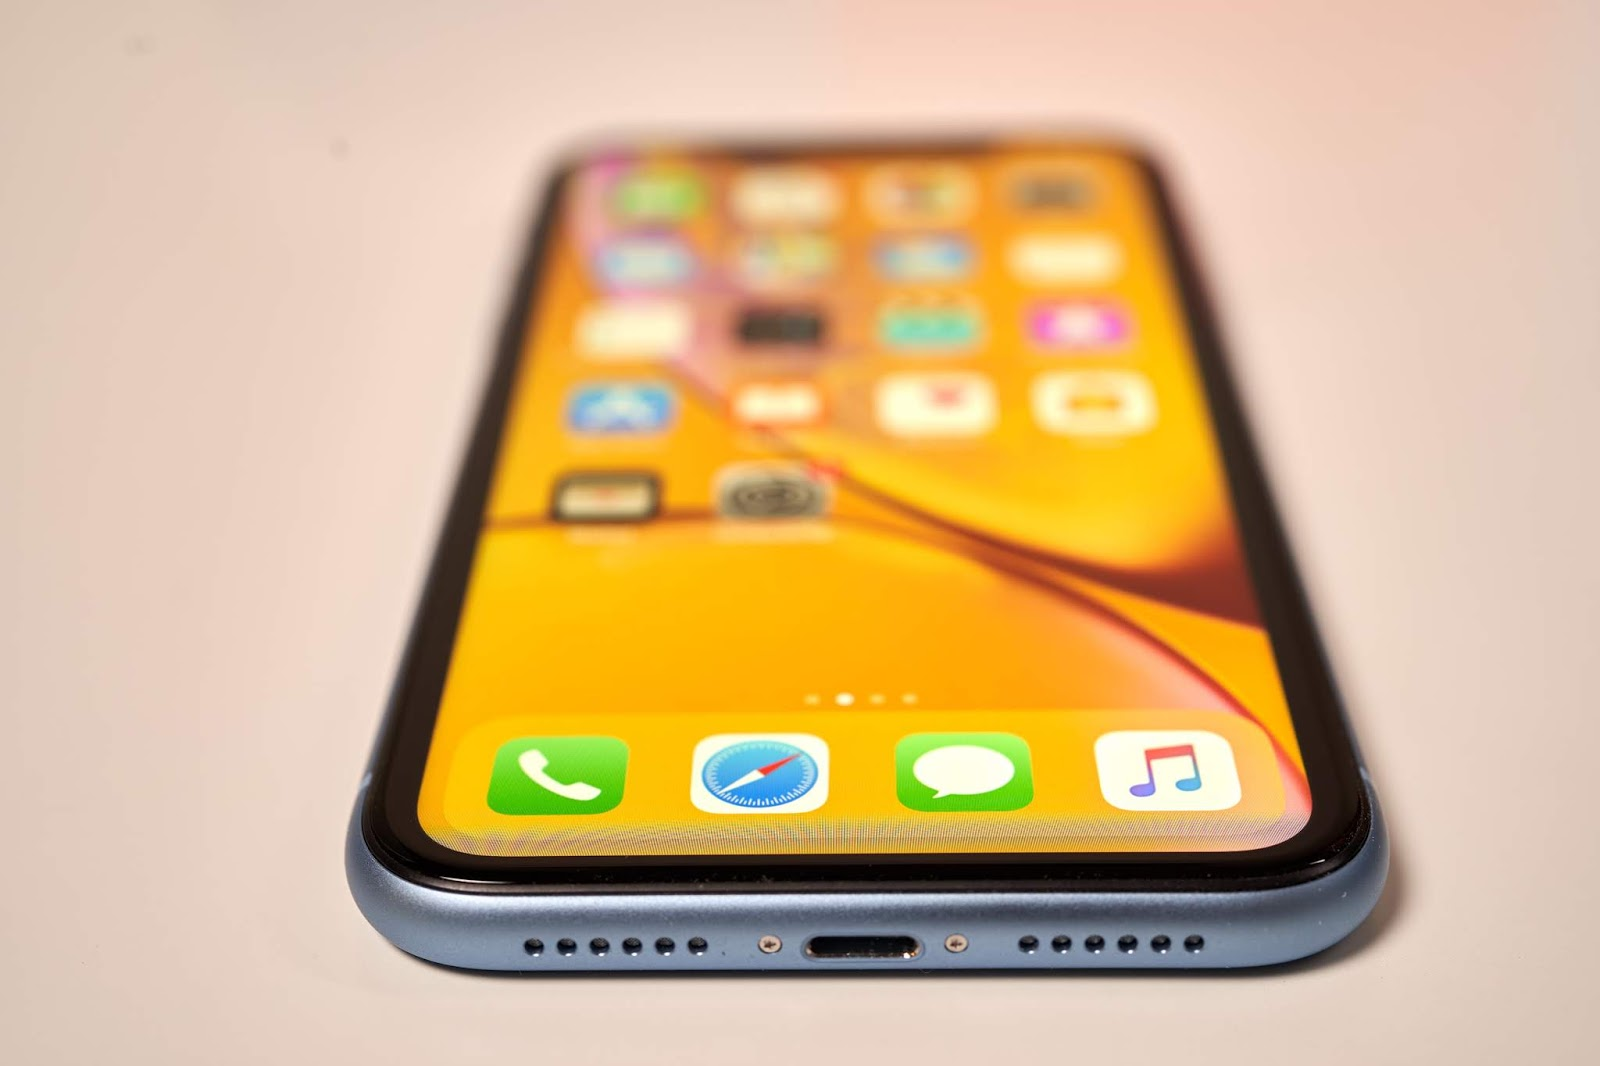 स्मार्टफ़ोन खरीदते समय इन 10 बातो का रखे ध्यान, How to Choose Smartphone 2019